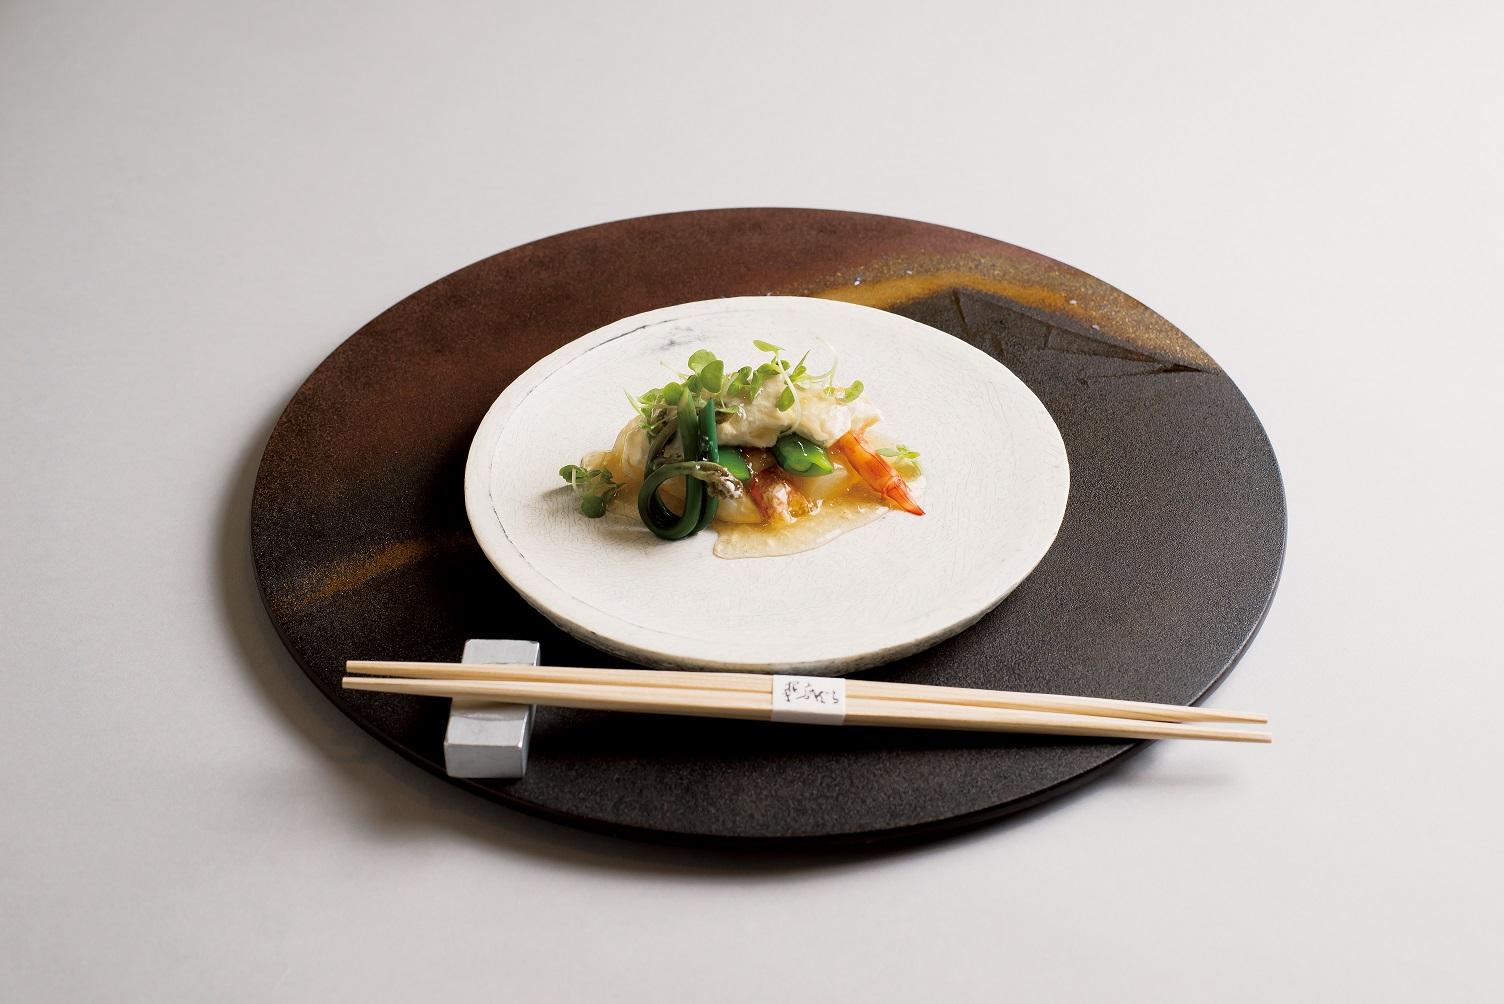 白アスパラ(車海老クリーム、豆腐掛け、スナップ豆、青芽、蕨)(Sample)